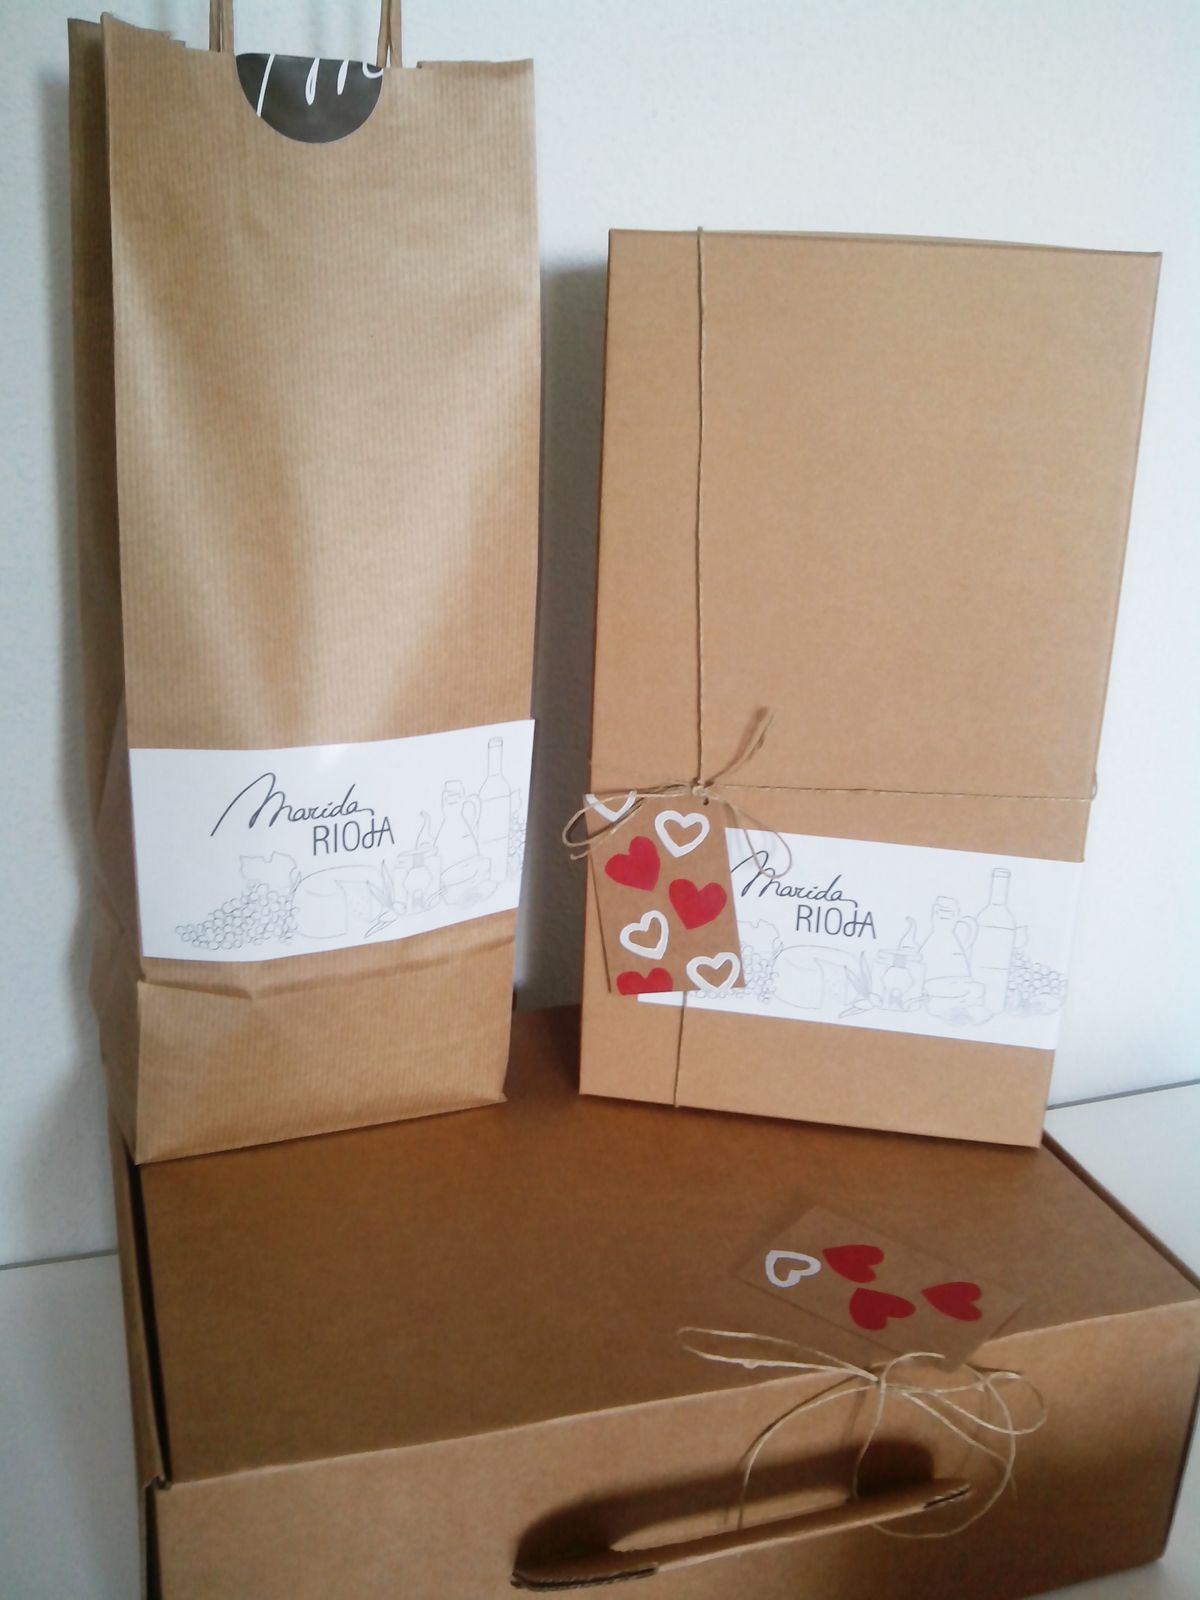 Nuestros lotes de #productosriojanos vienen envueltos de un modo muy especial. www.maridarioja.com/tiendaonline